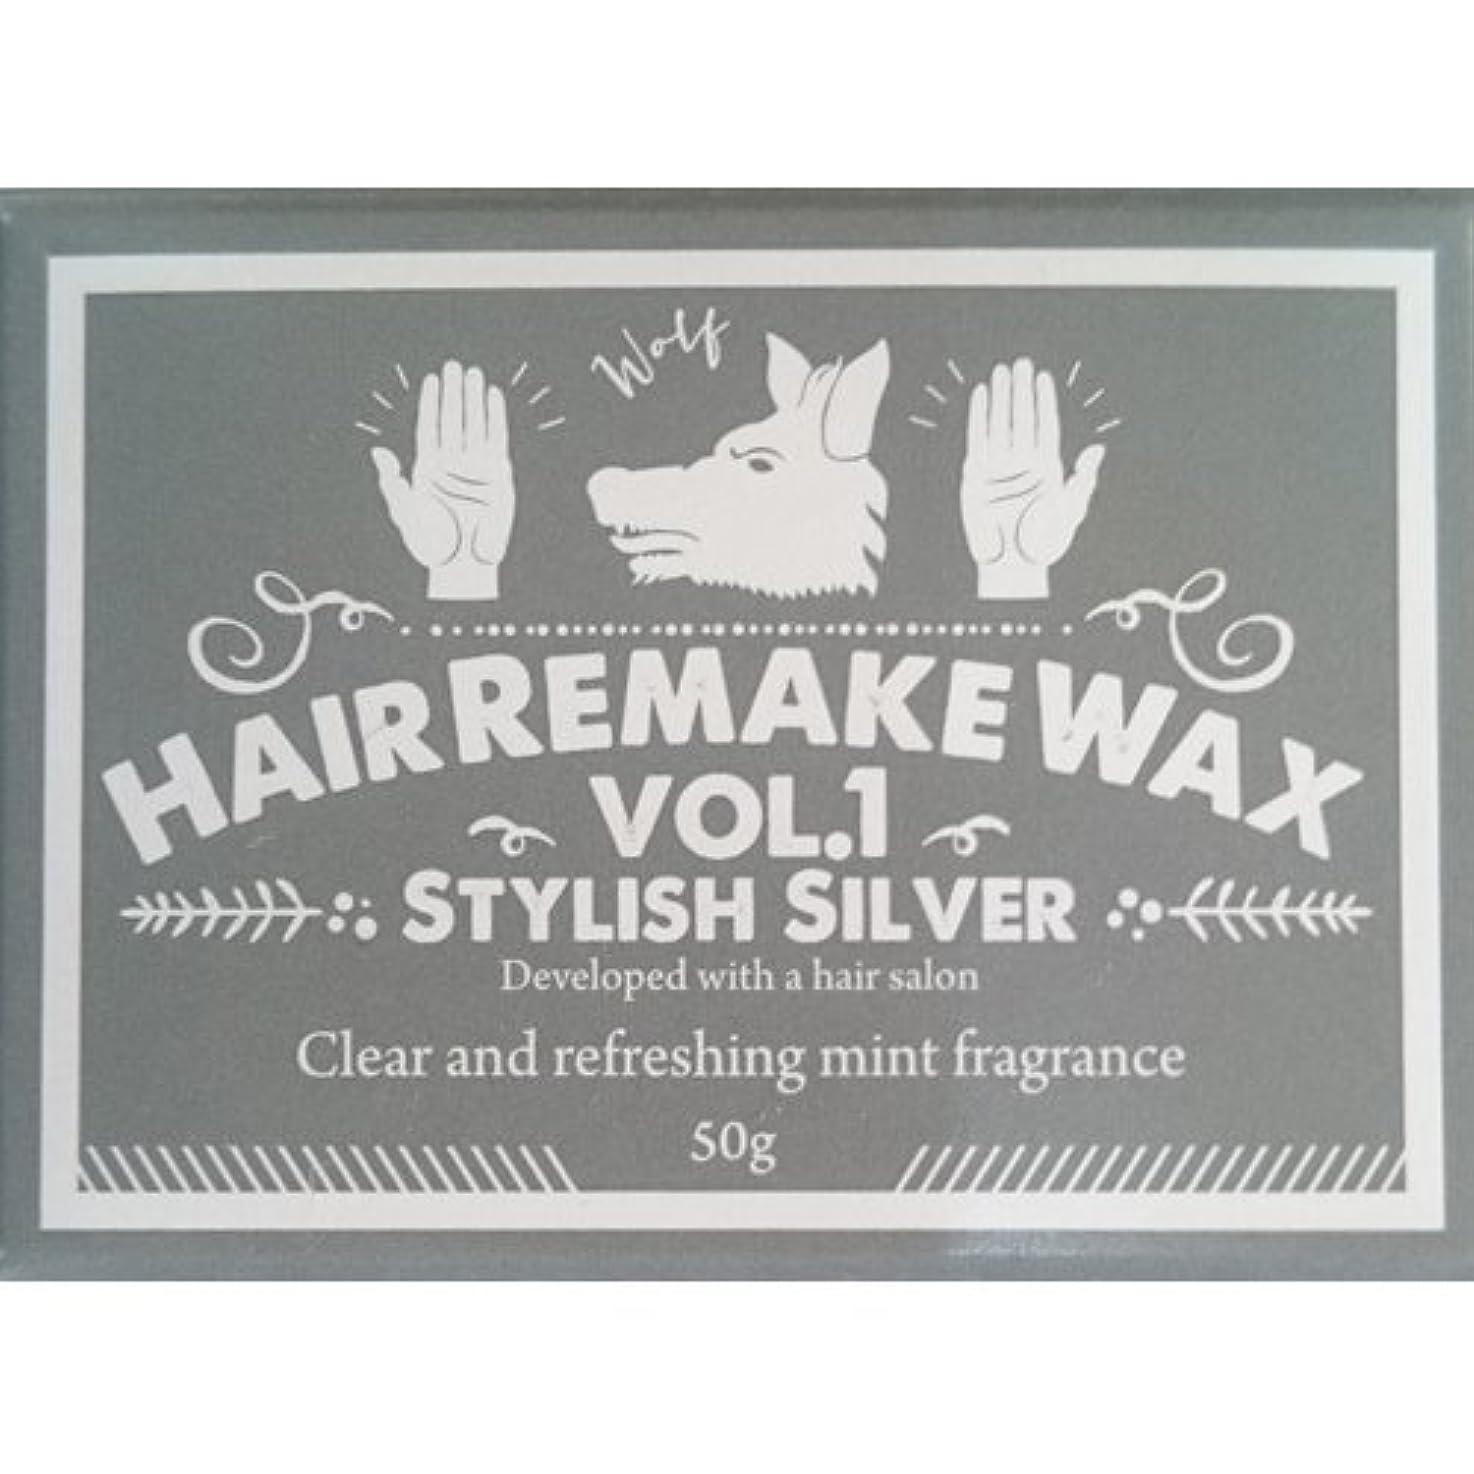 賞同様のつづりHair Remake(ヘアーリメイク)WAX Vol.1 スタイリッシュシルバー 50g